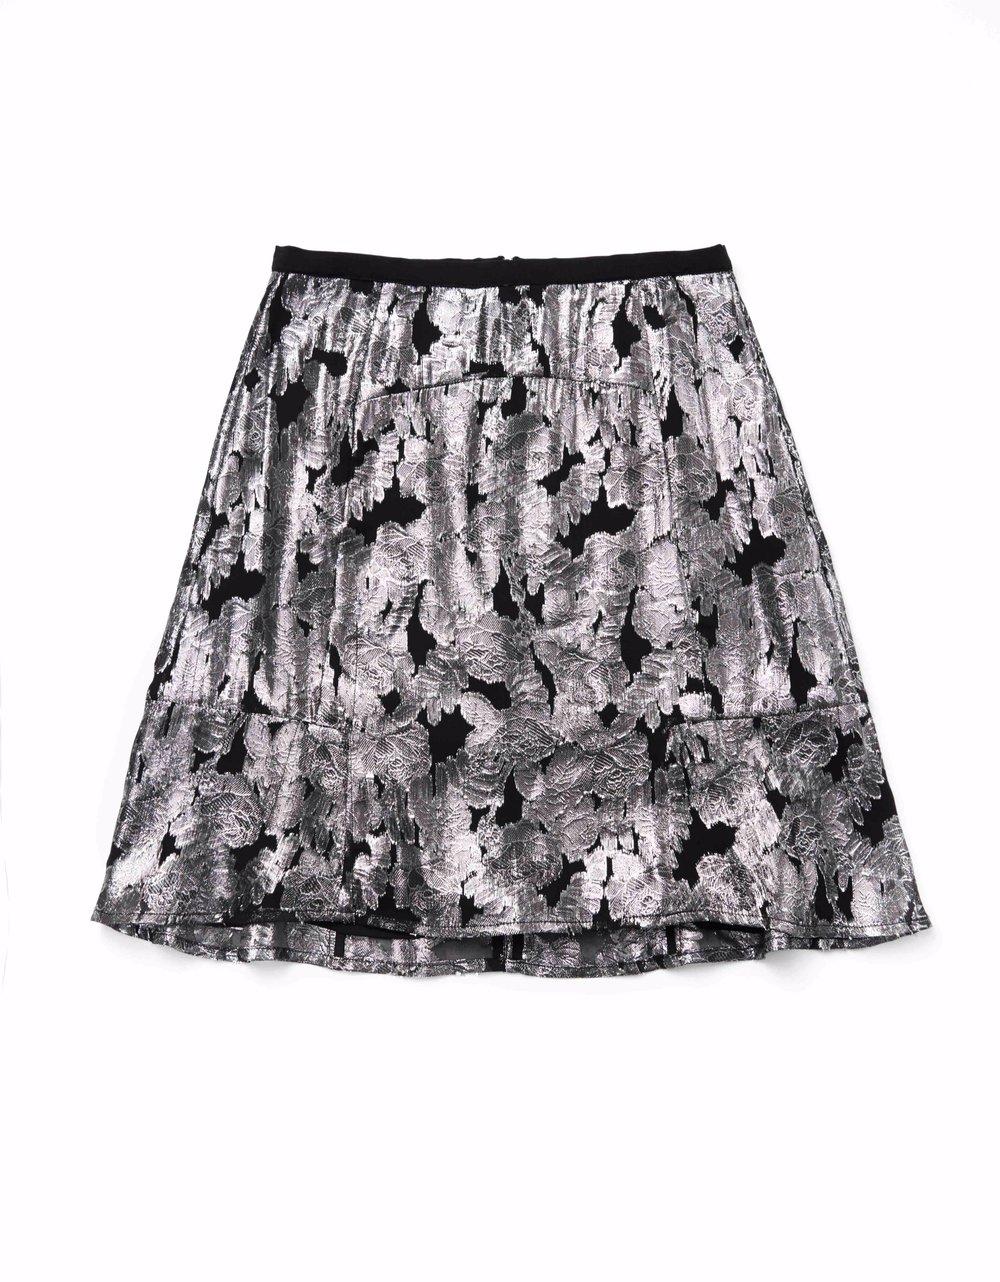 RUSSE skirt